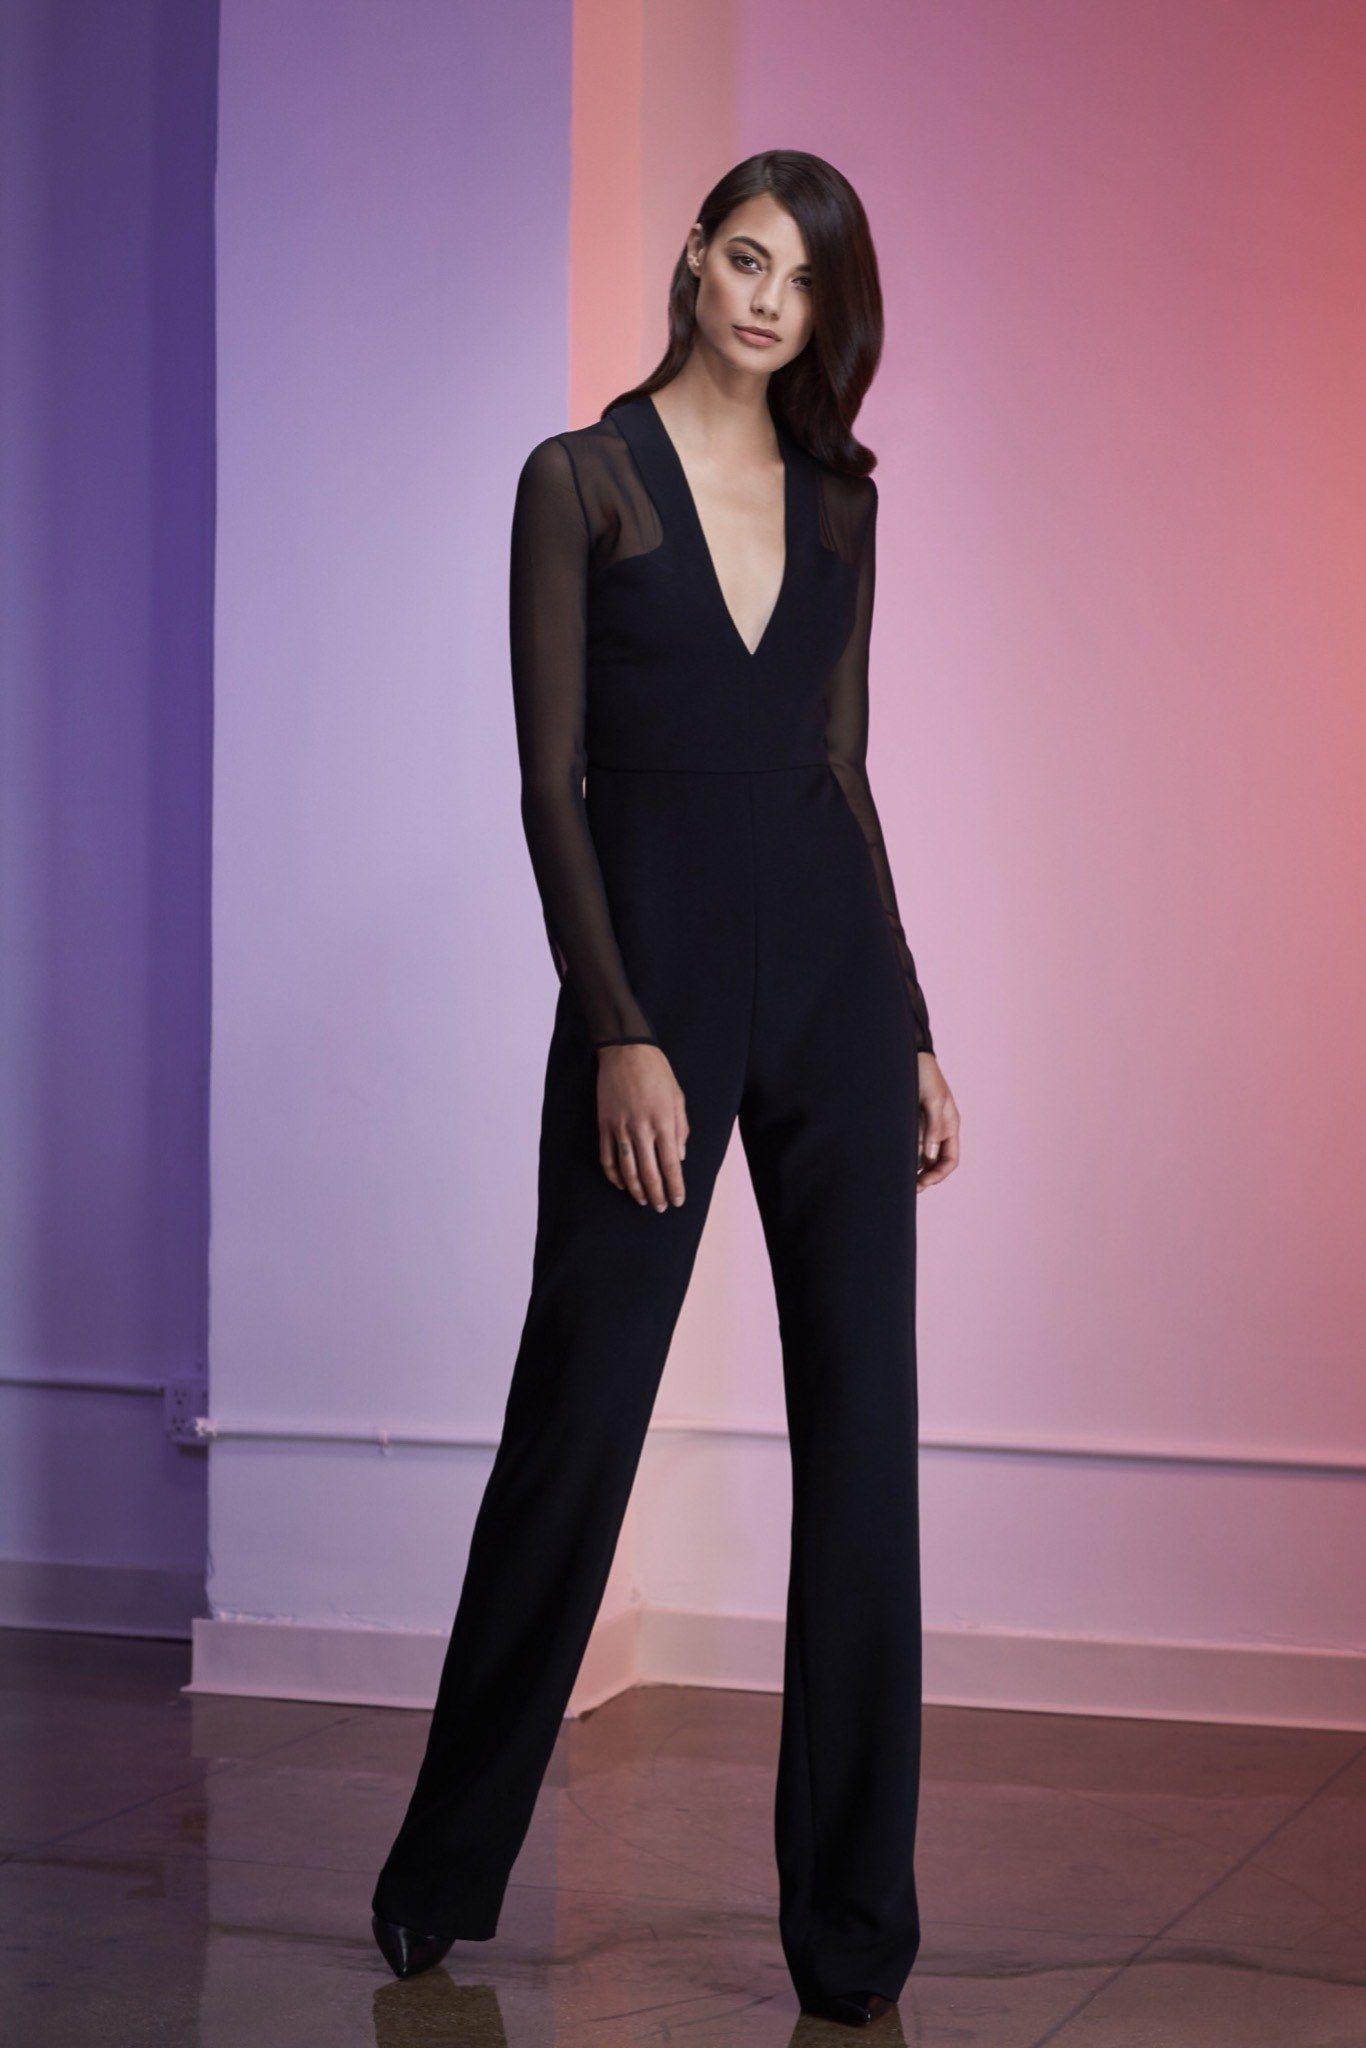 Cushnie et Ochs   Resort 2016   23 Black long sleeve jumpsuit with sheer sleeves